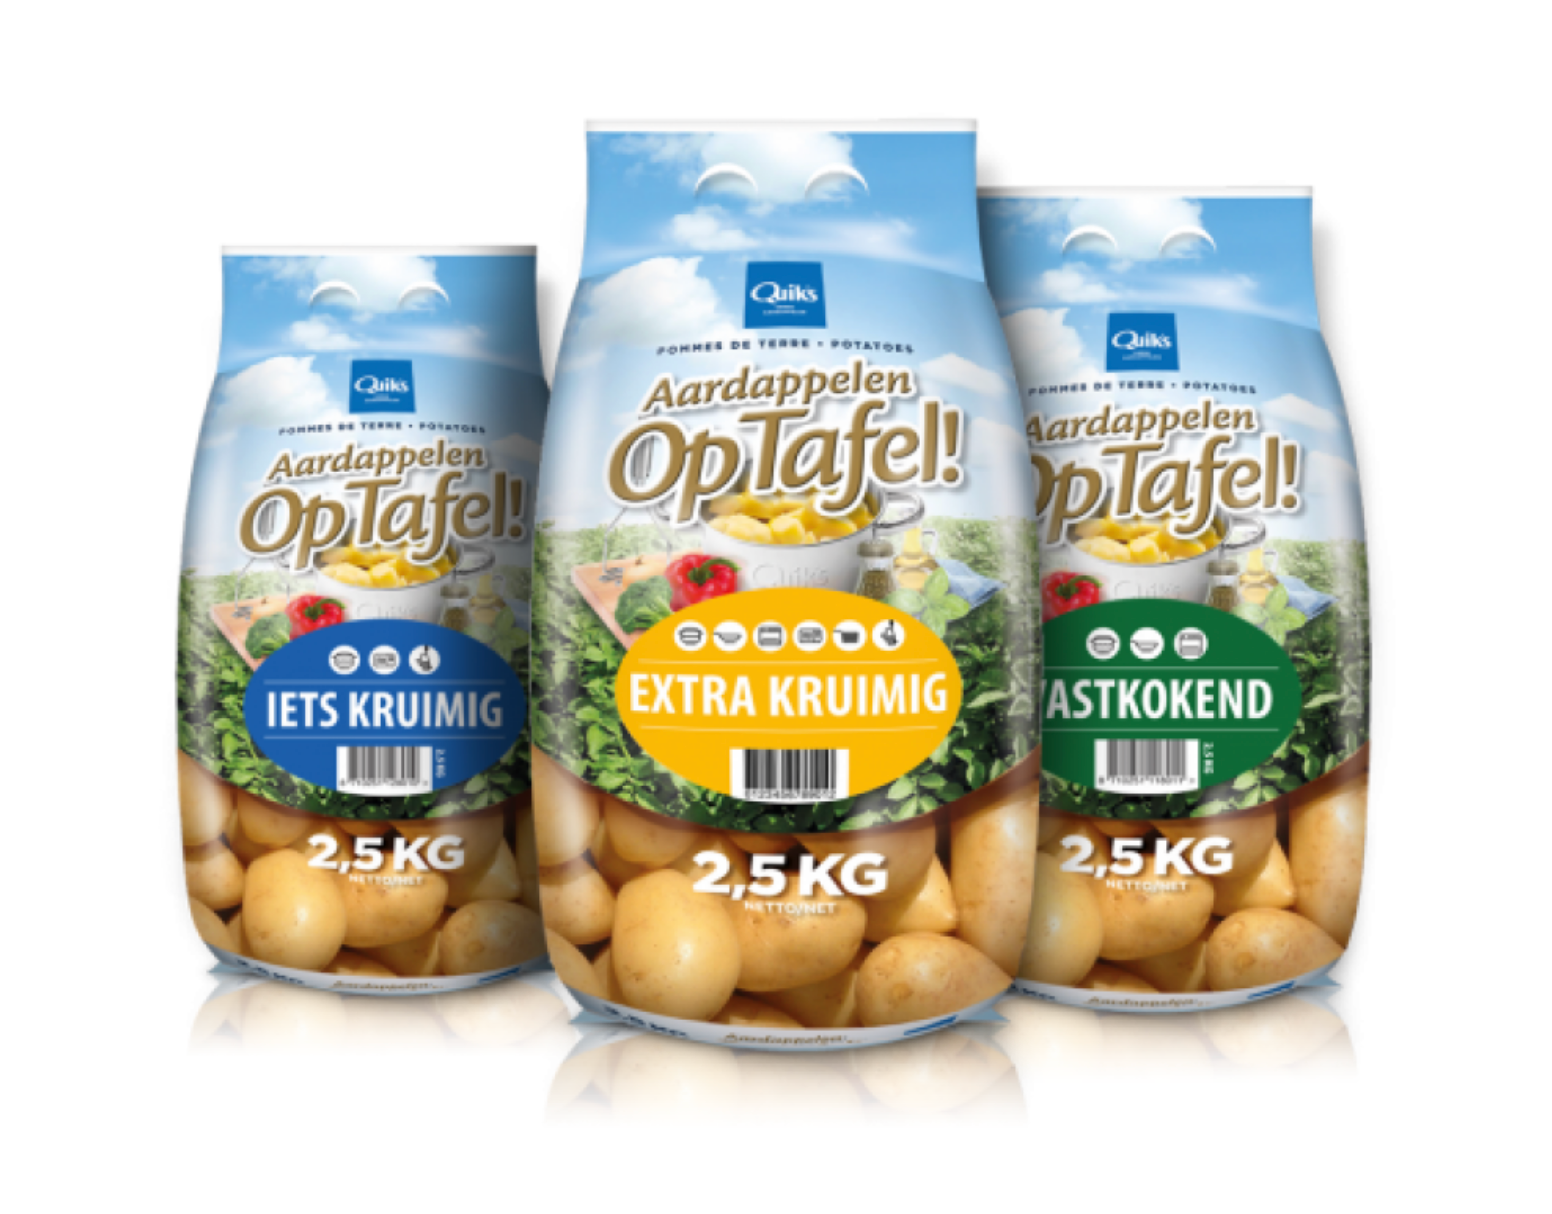 Aardappelen Op Tafel featured